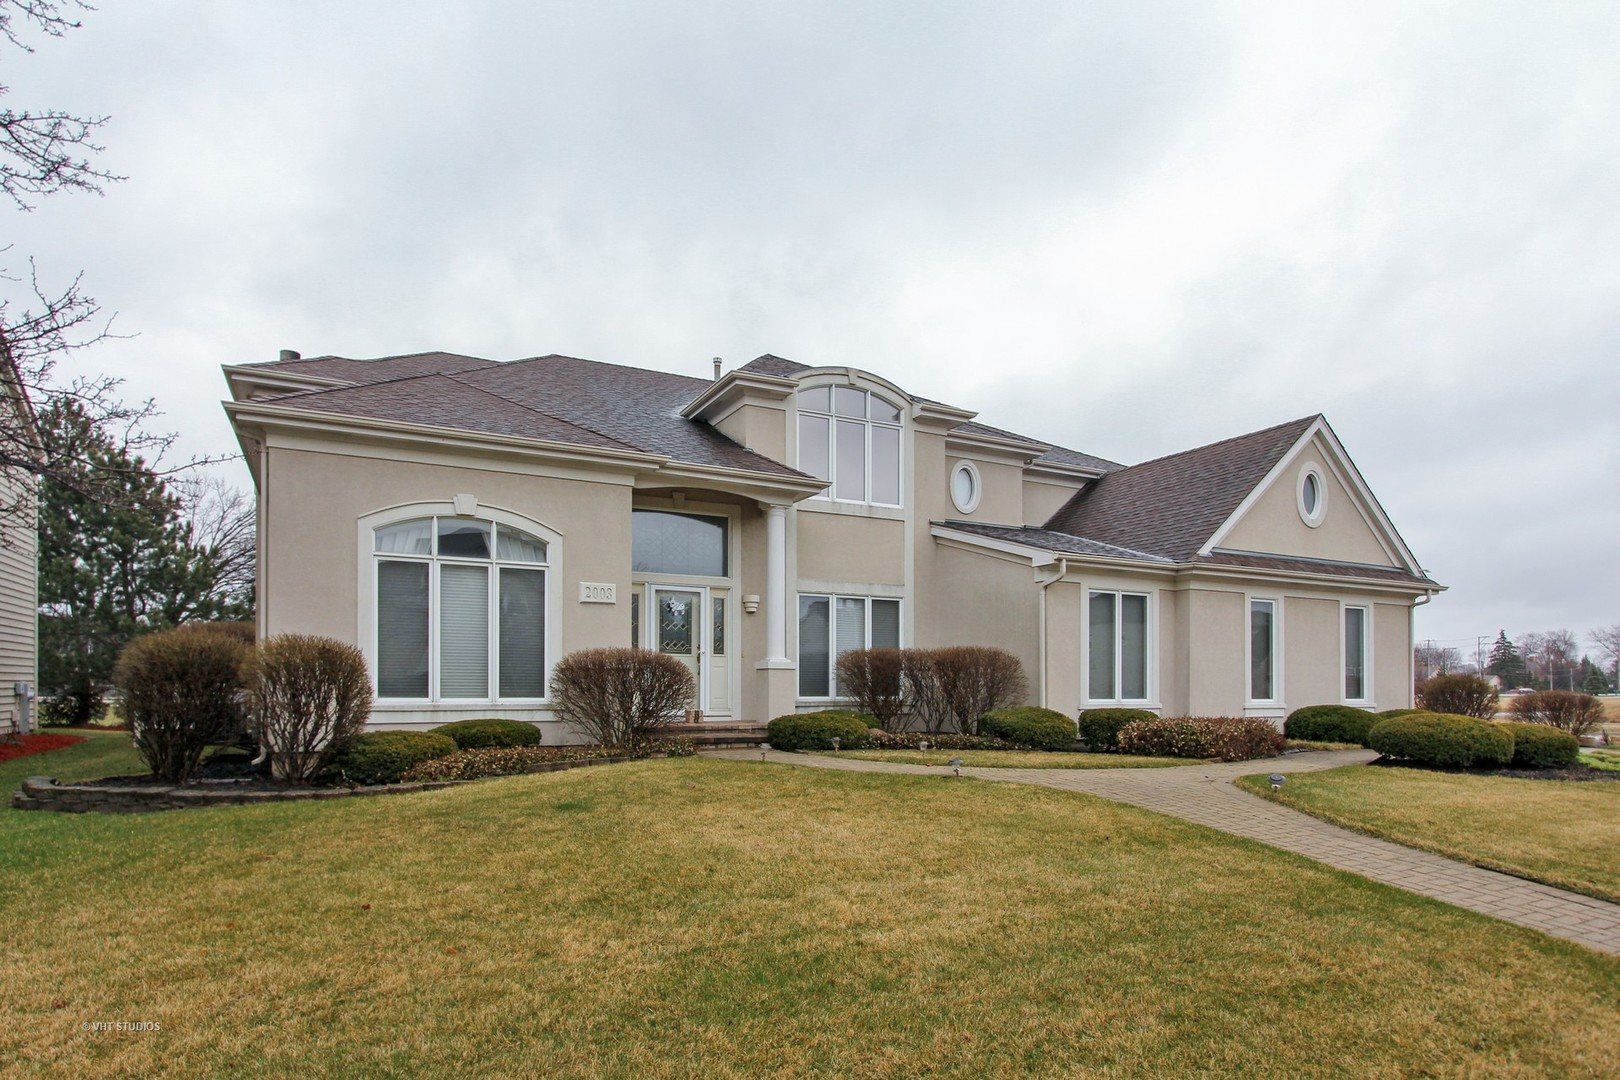 2003 Jordan Terrace, Buffalo Grove, IL 60089